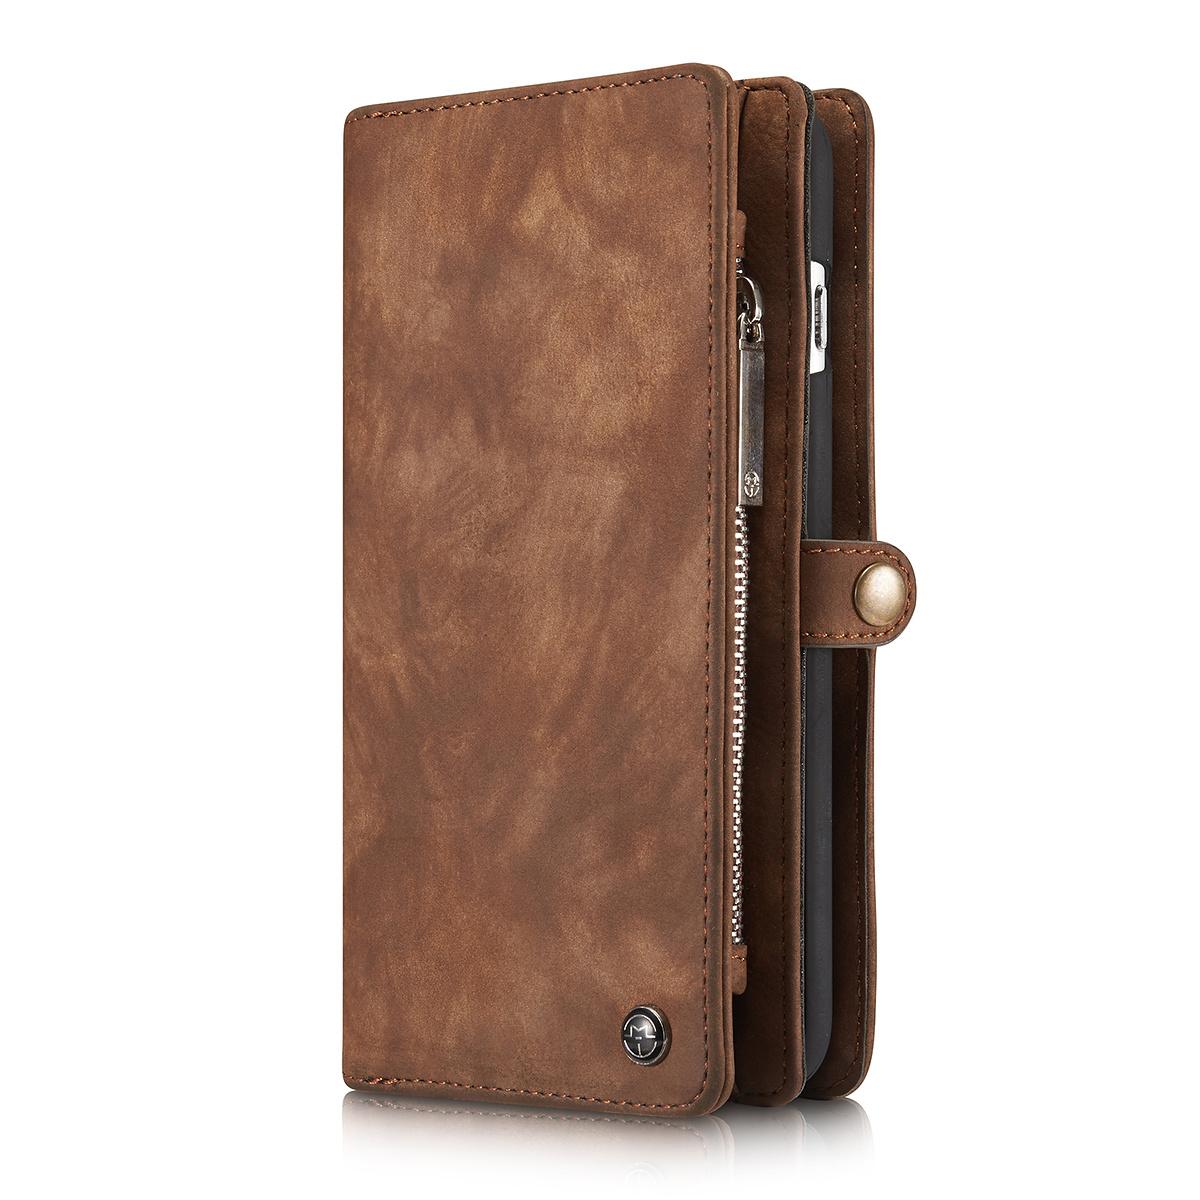 CaseMe plånboksfodral med magnetskal, iPhone 6/6S Plus, brun